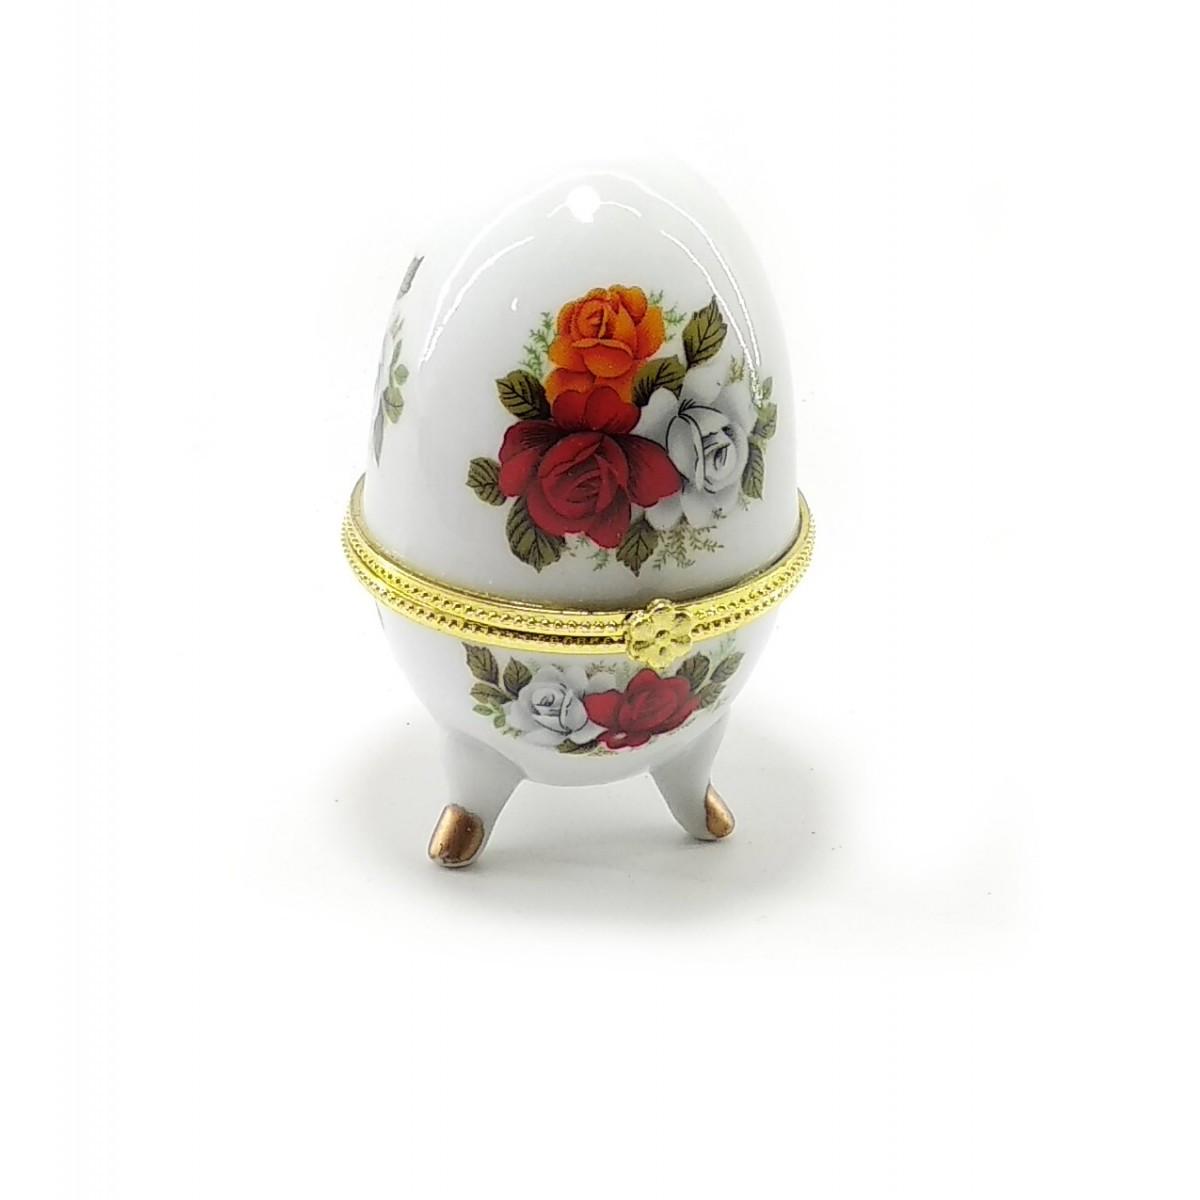 Шкатулка яйцо керамика Розы